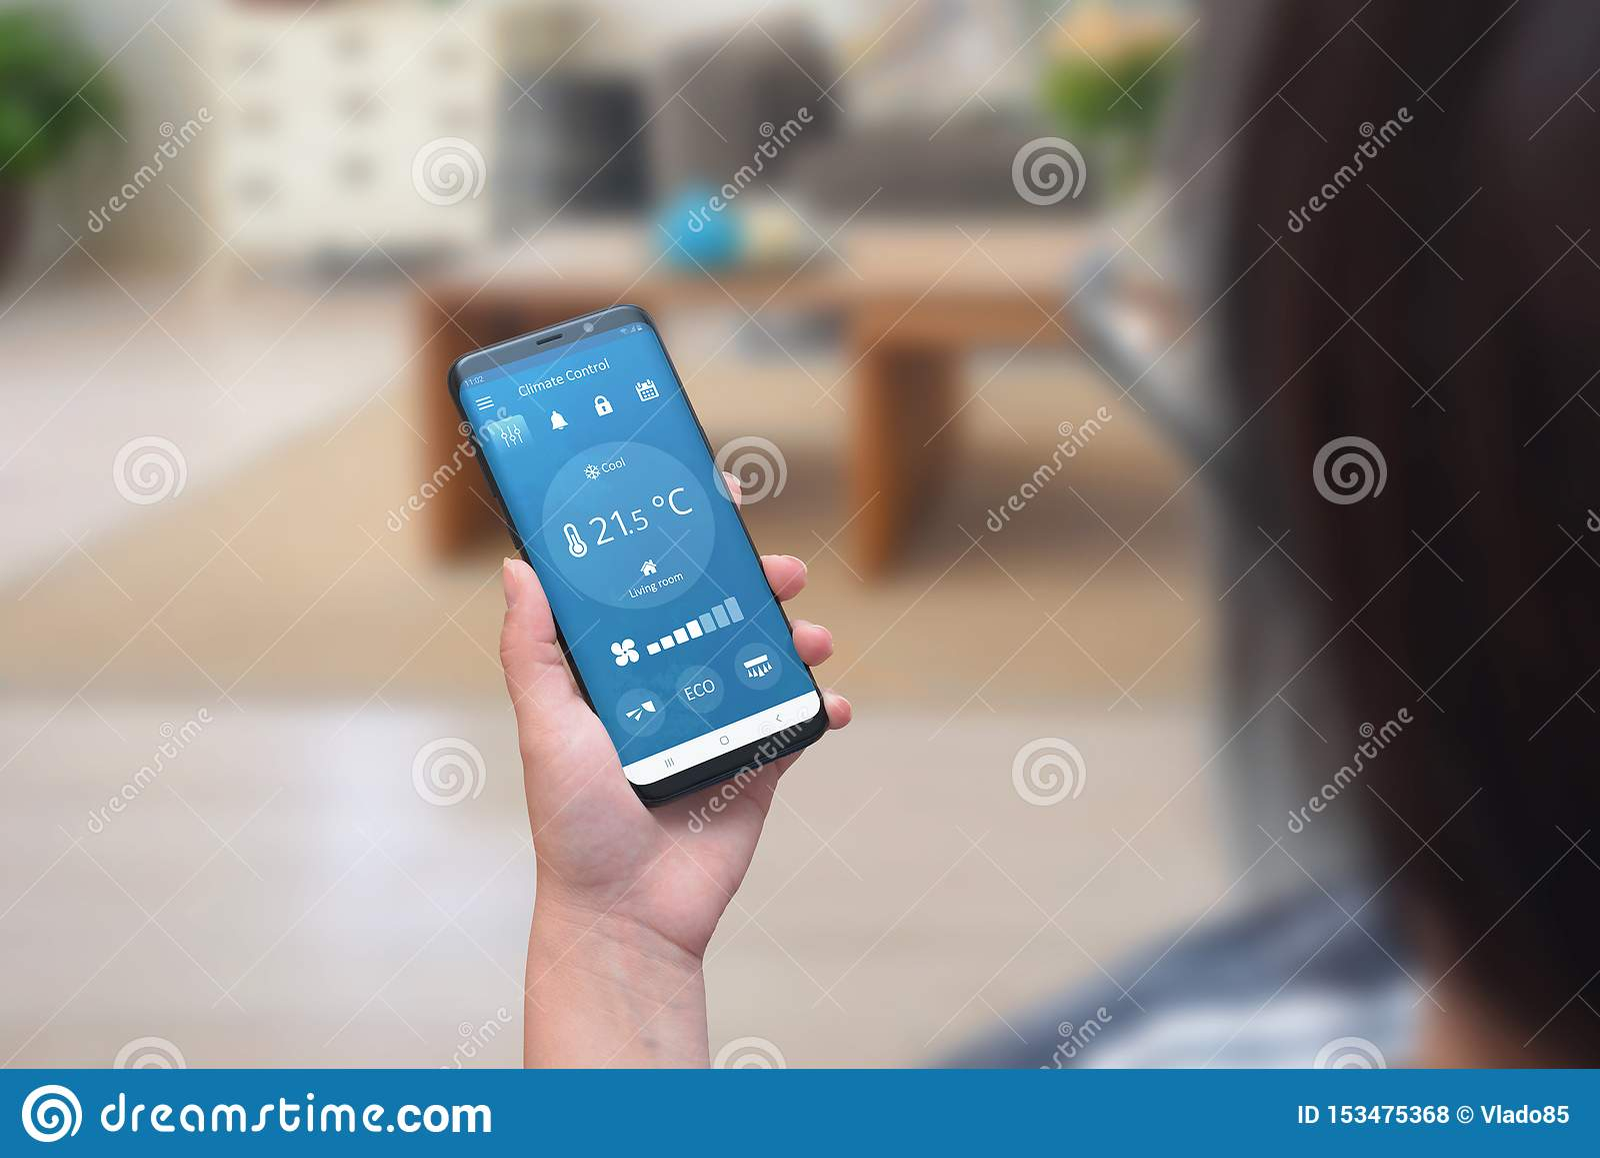 App do controle do clima do uso da mulher em um telefone na sala de visitas para ajustar a temperatura e a ventilação